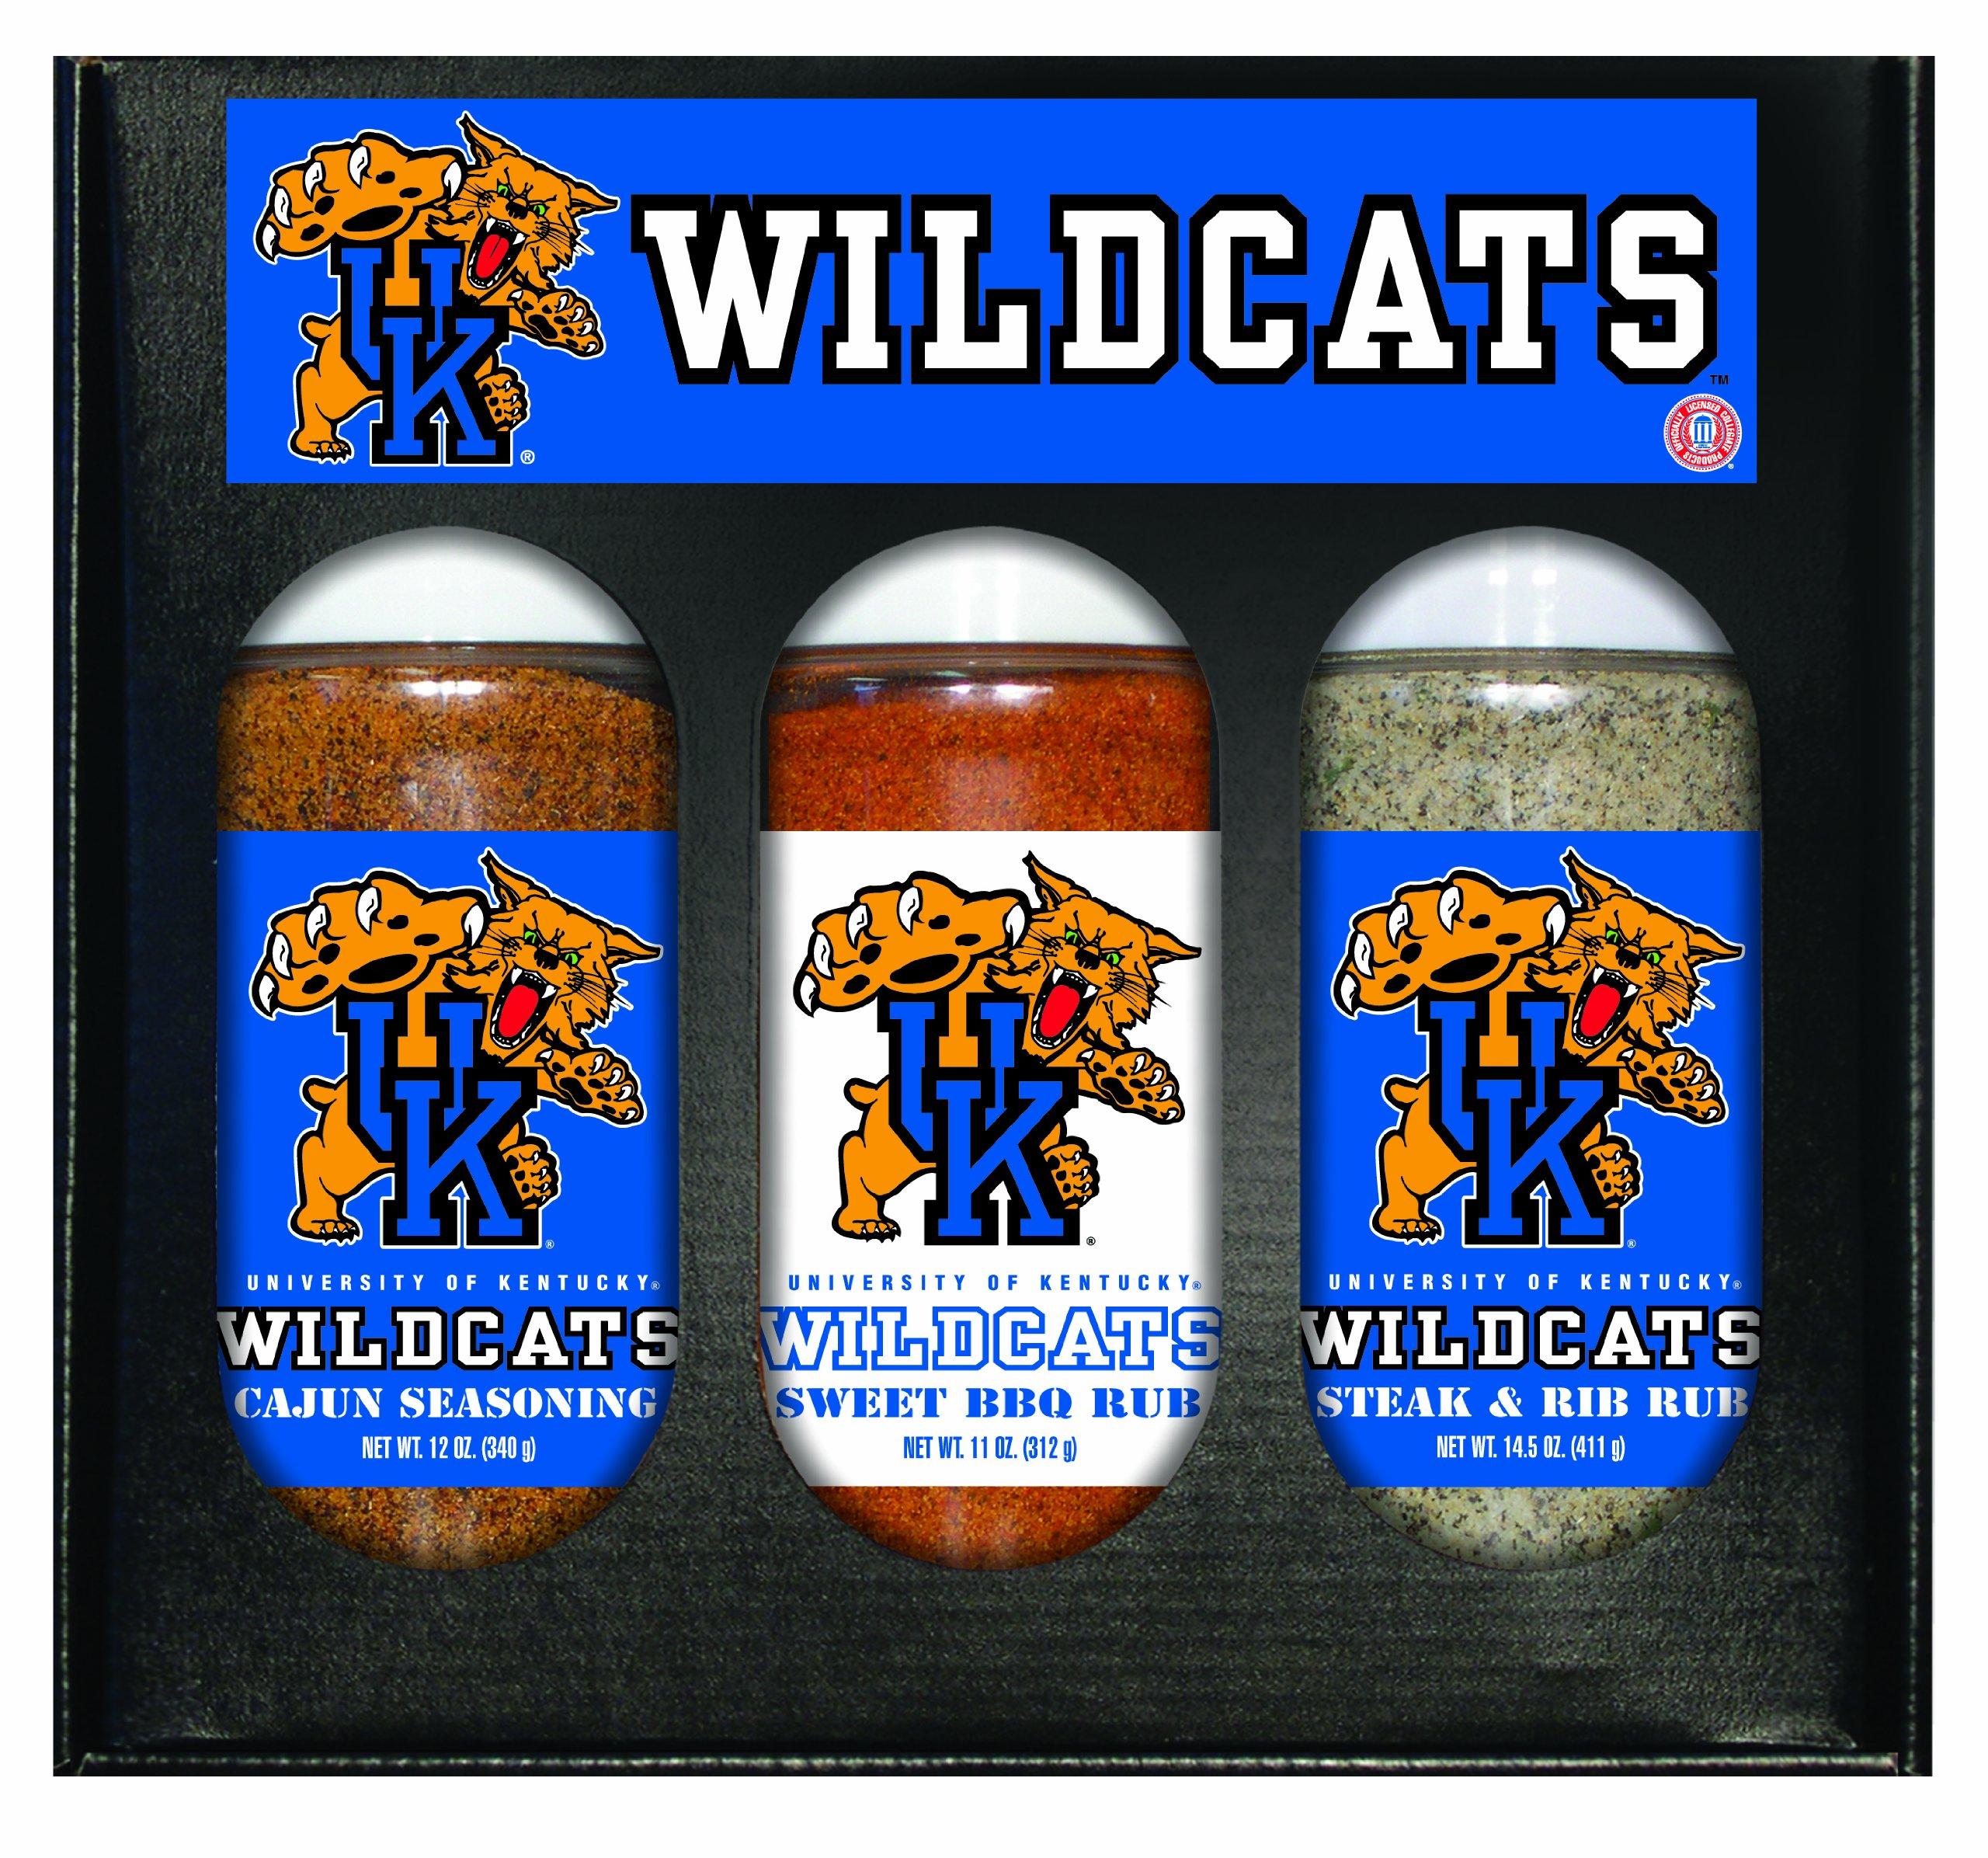 8 Pack KENTUCKY Wildcats Boxed Set of 3 (Cajun Seas,Stk/Rib Rub, BBQ Rub)